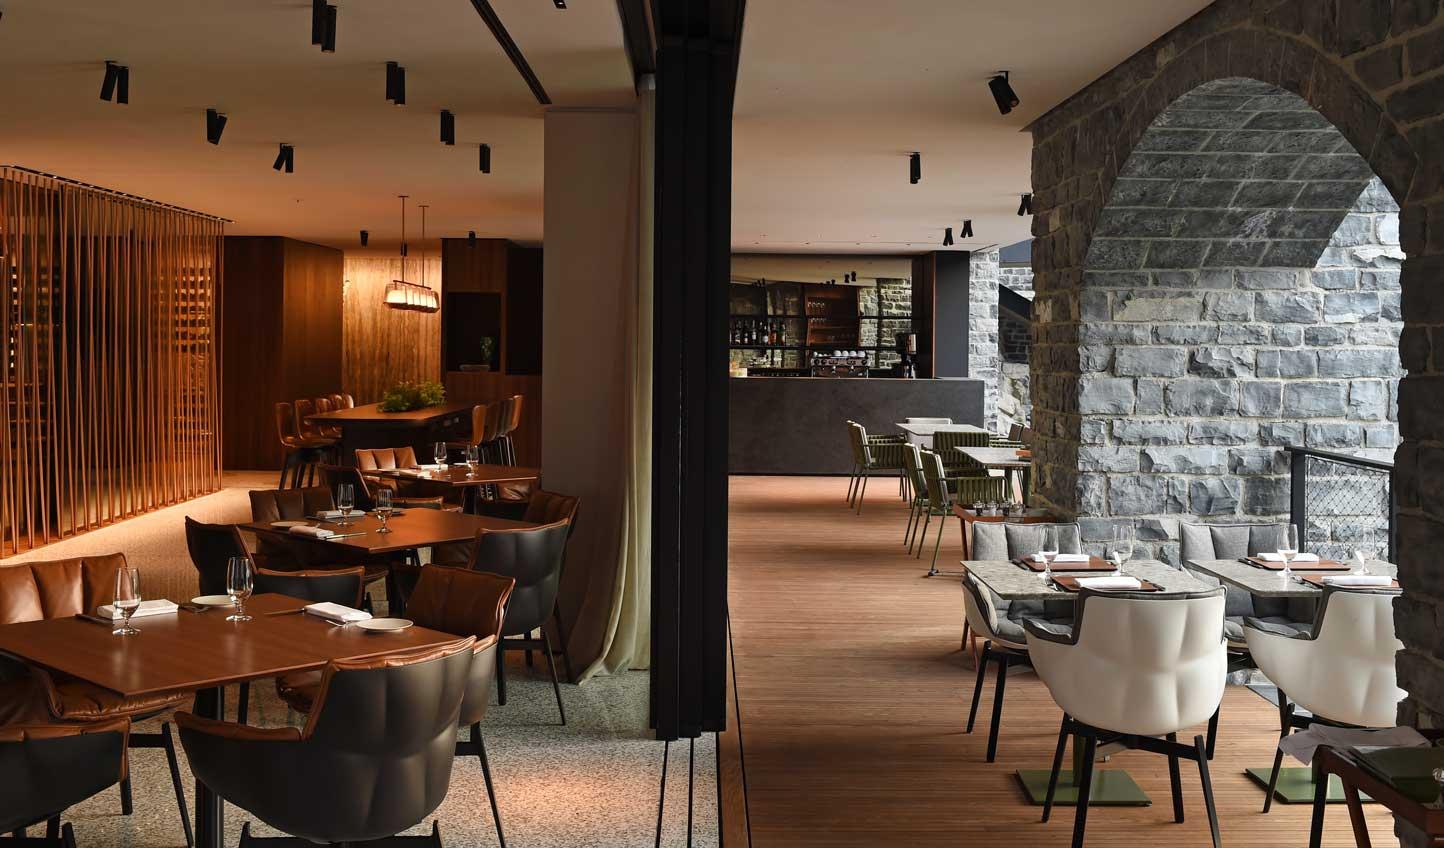 Fine dining at Berton Al Largo